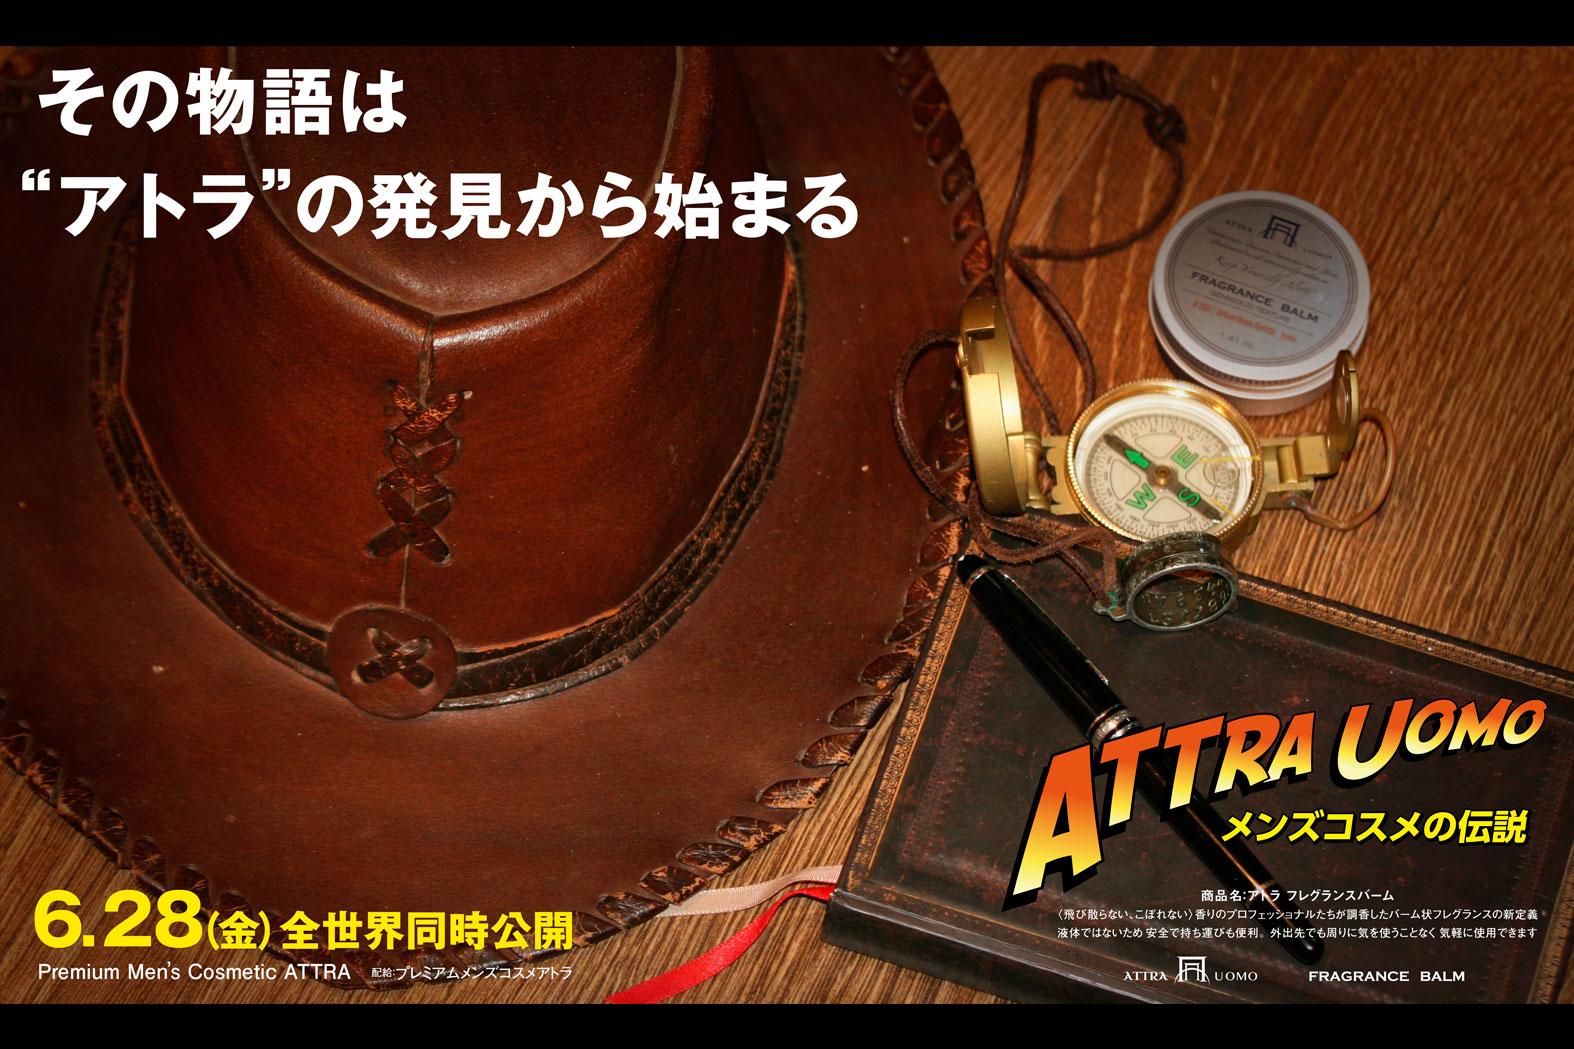 映画風イメージ広告2